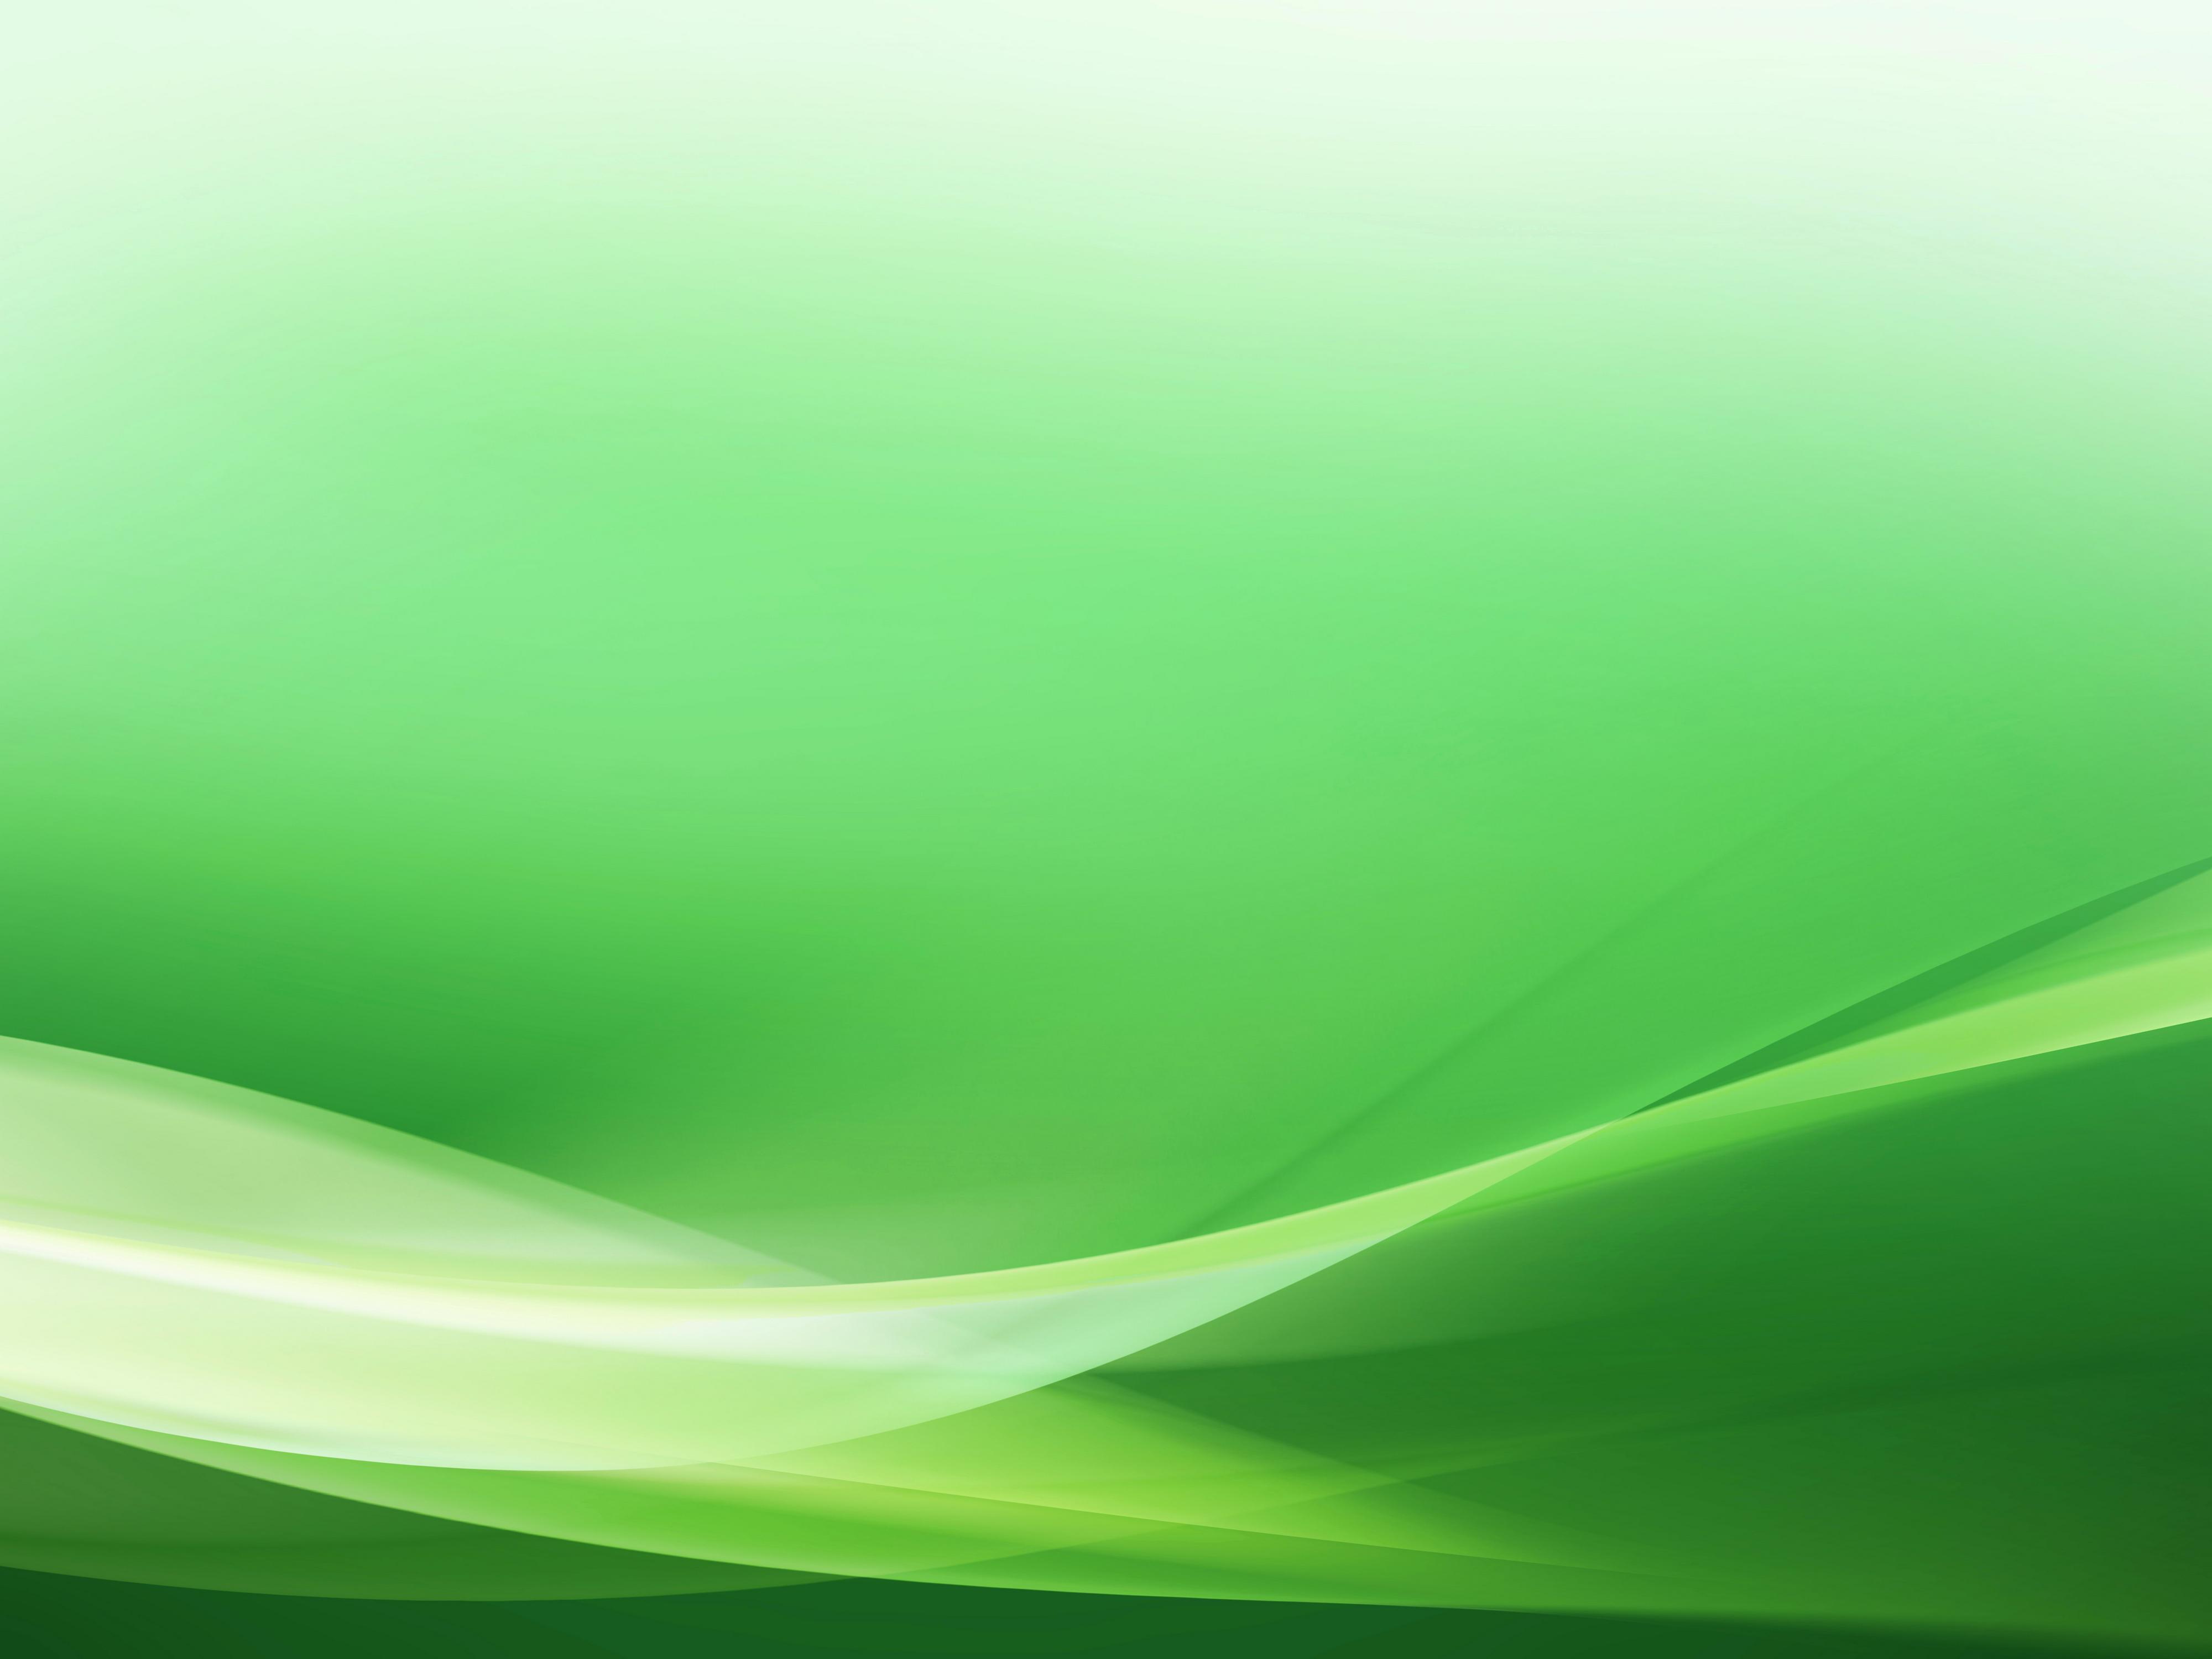 fonds d u0026 39  u00e9cran abstrait vert